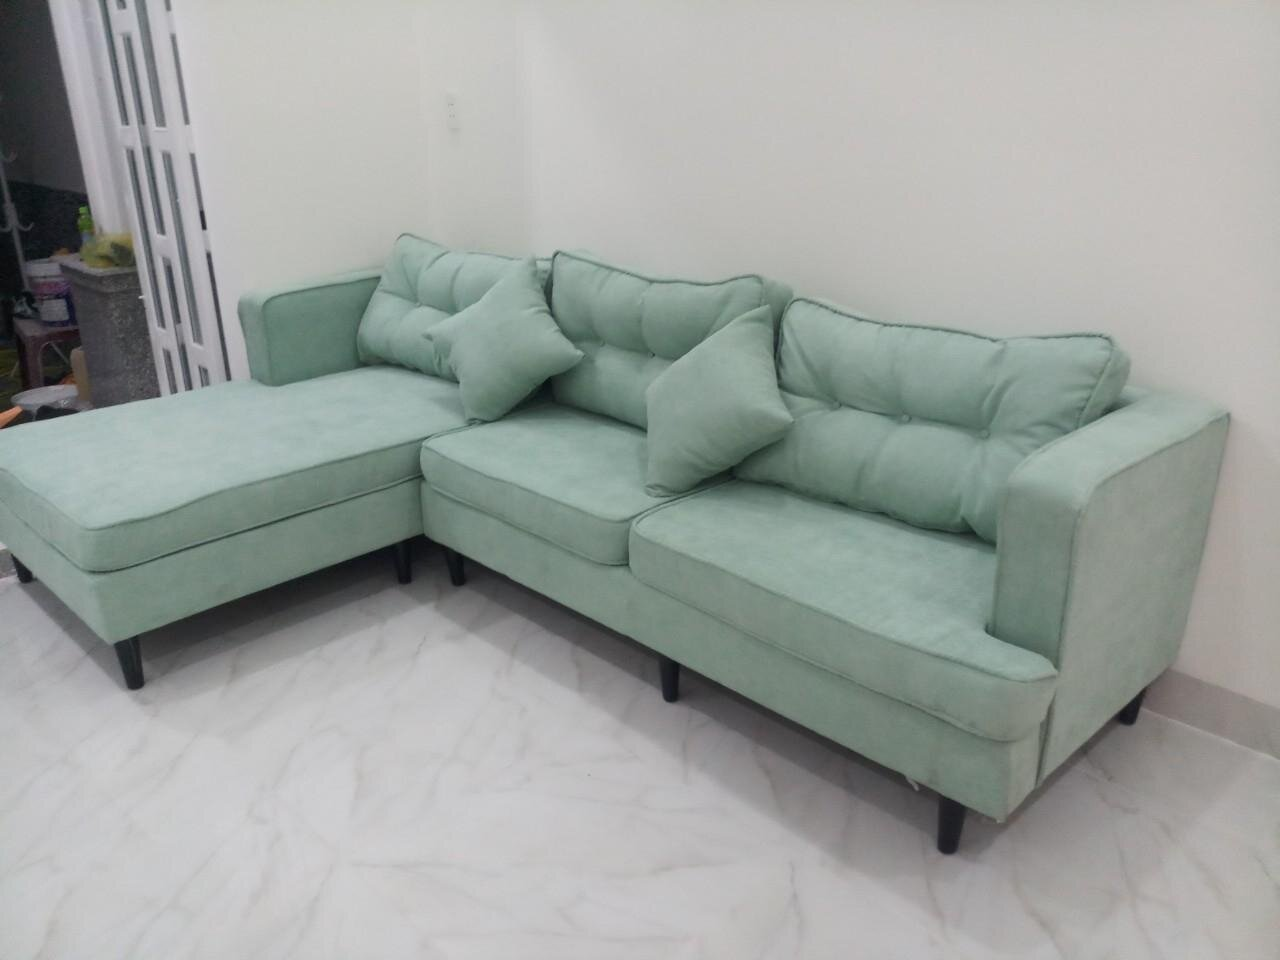 Sofa góc Juno kiểu dáng mới lạ, được bọc vải cao cấp, độ bền cao